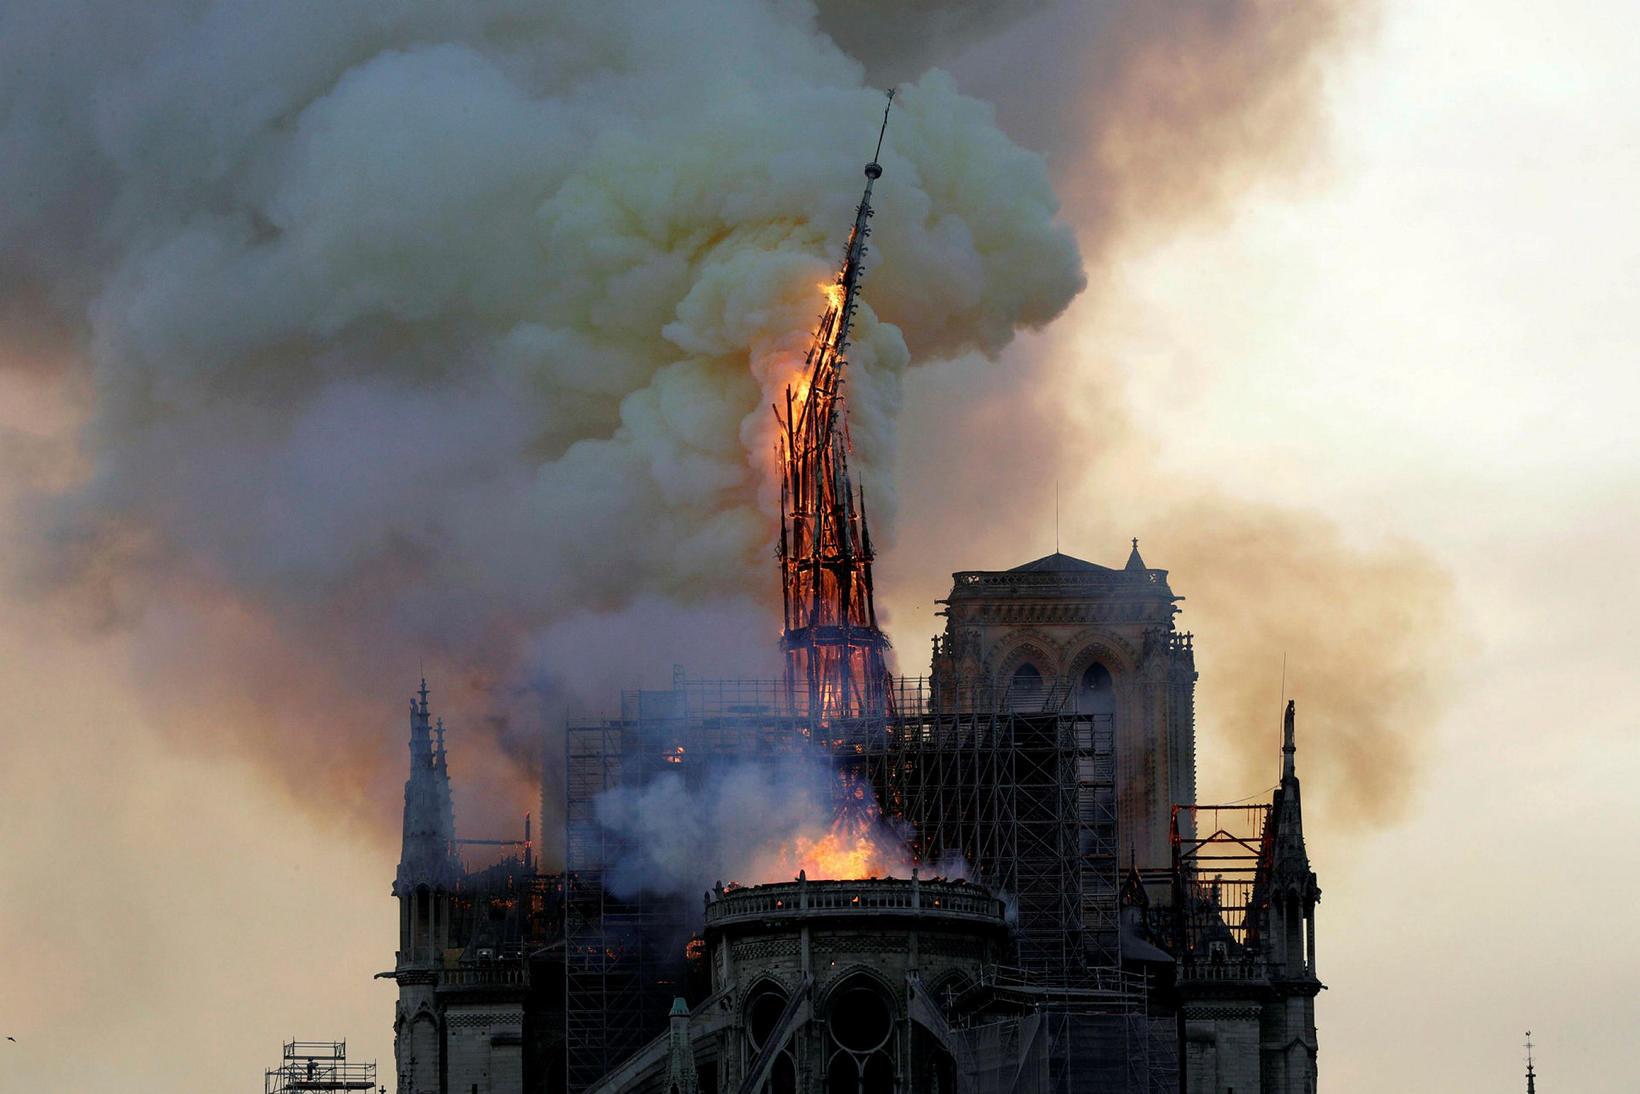 Notre Dame-dómkirkjan, sem er eitt sögufrægasta mannvirki Evrópu, varð eldinum …